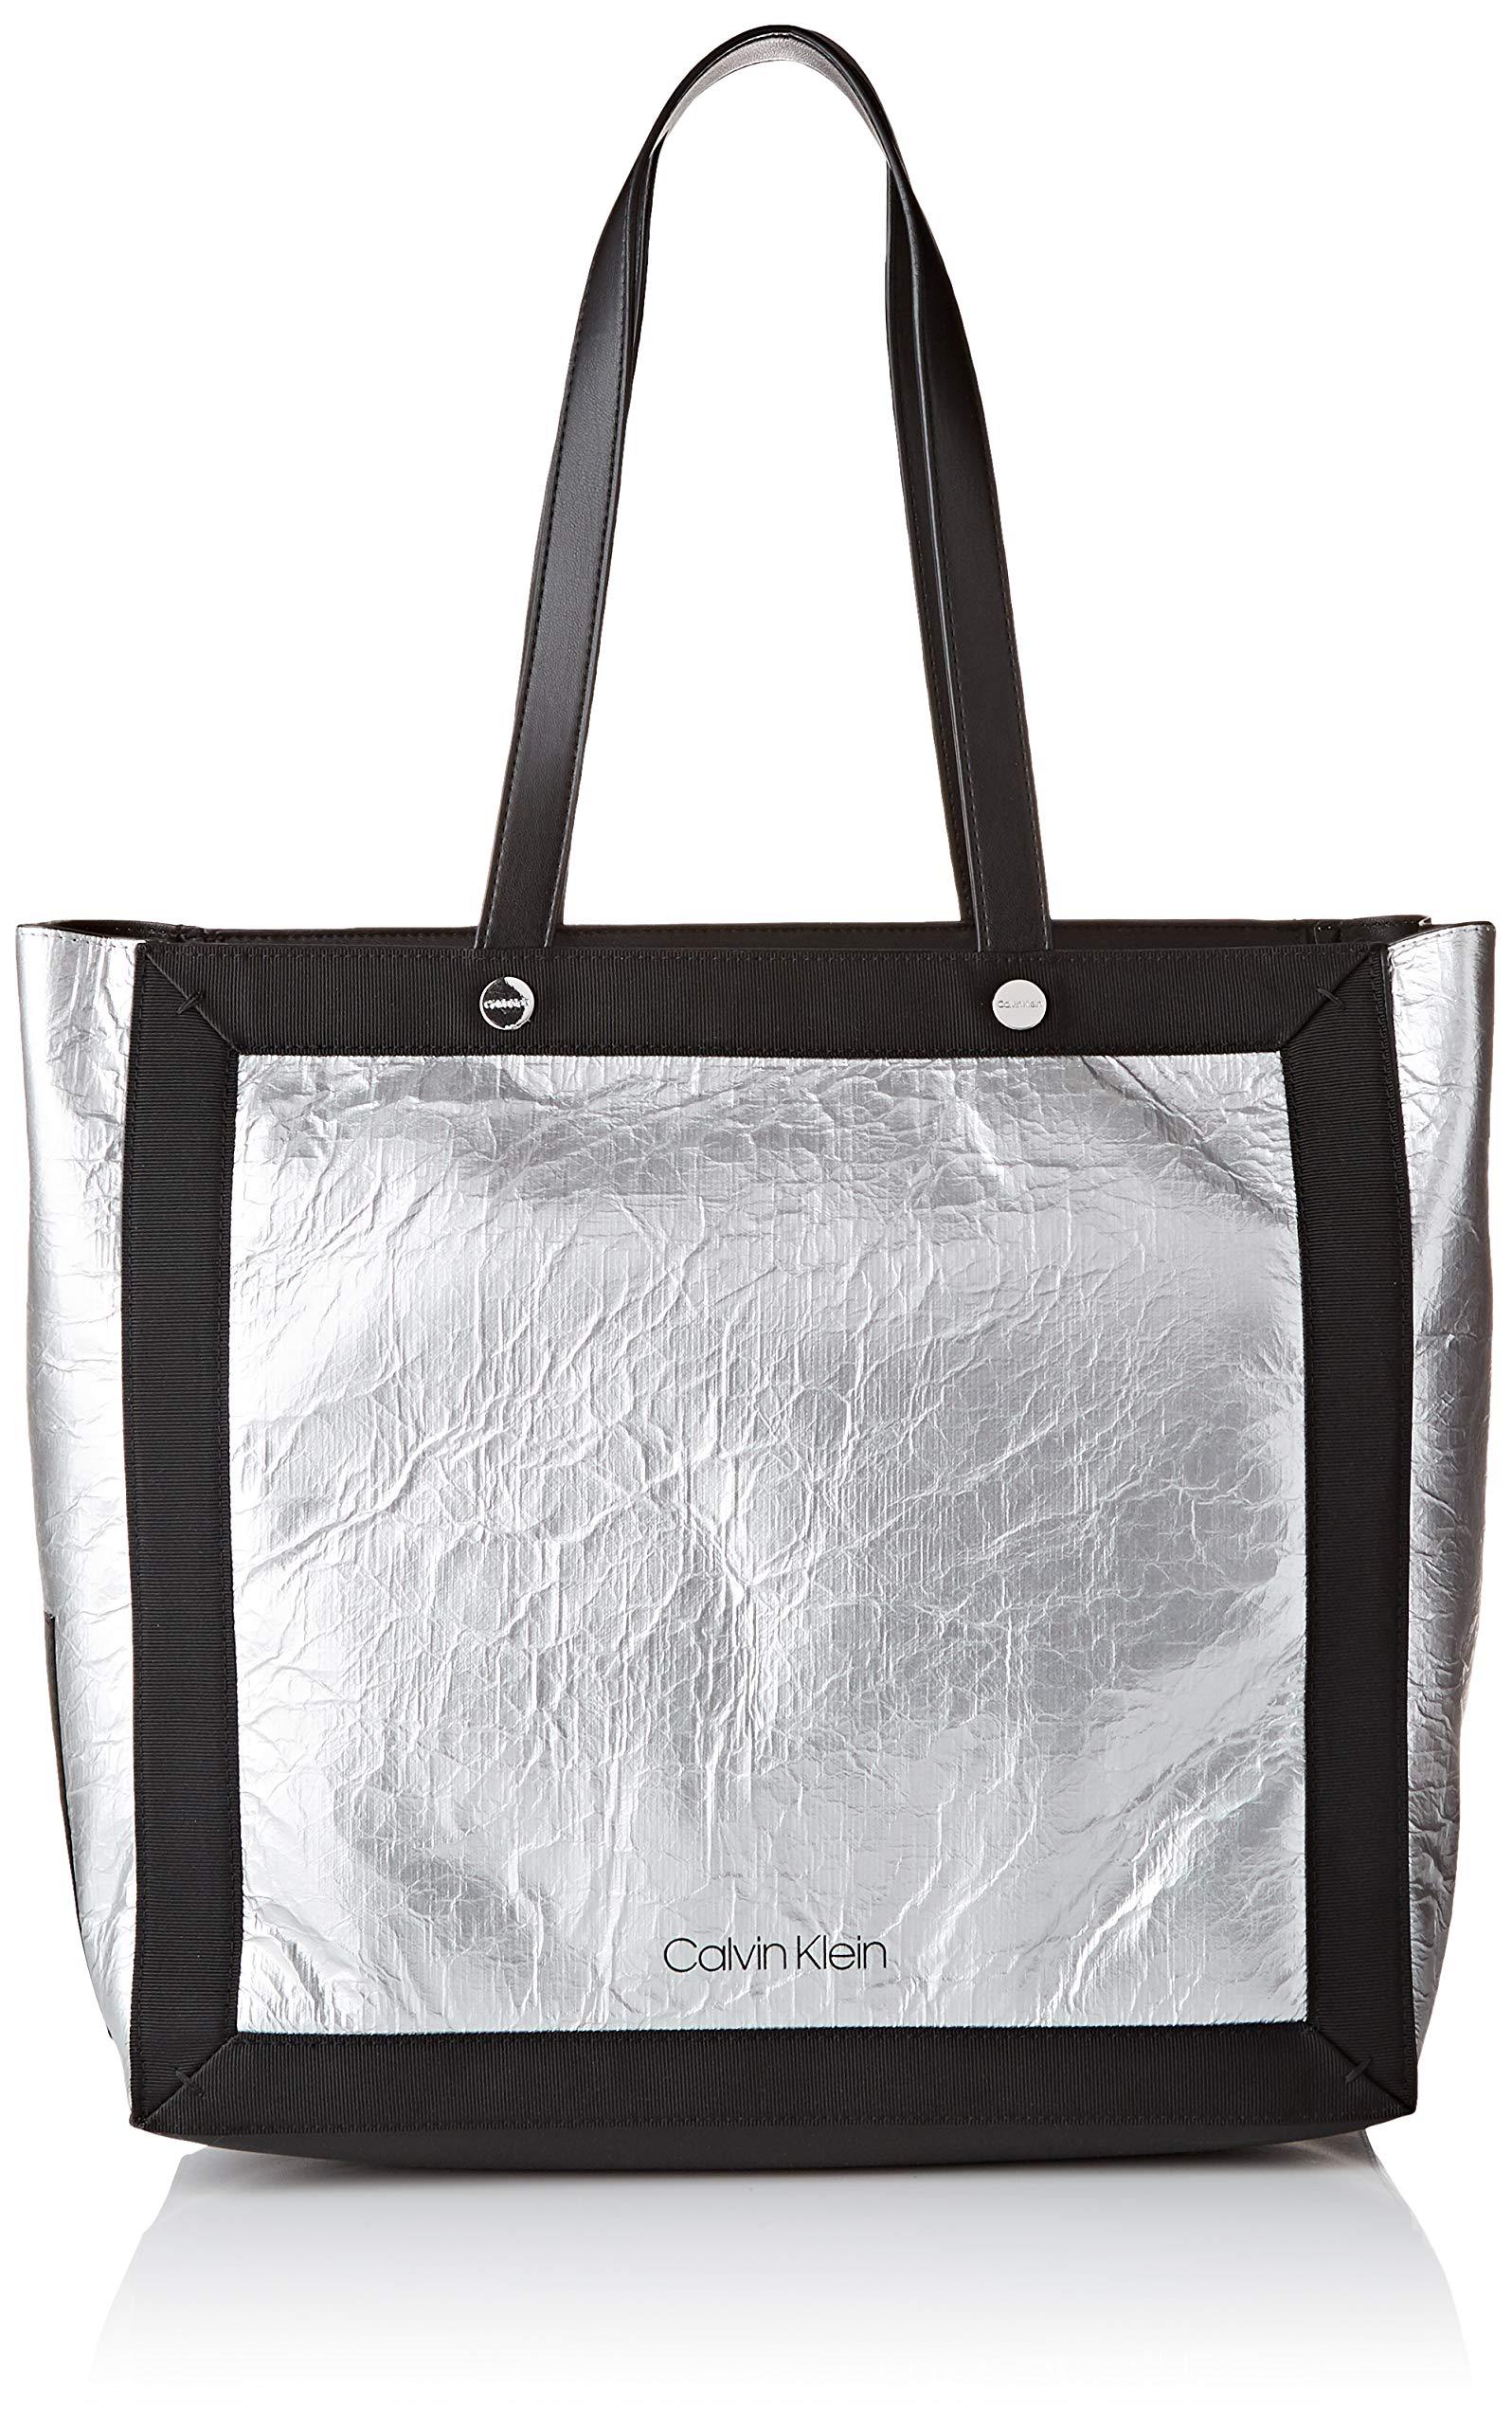 Calvin black15 T Outline 5x35x33 H FemmeArgentésilver X Ew Klein Cmb ShopperCabas dxBoWCer